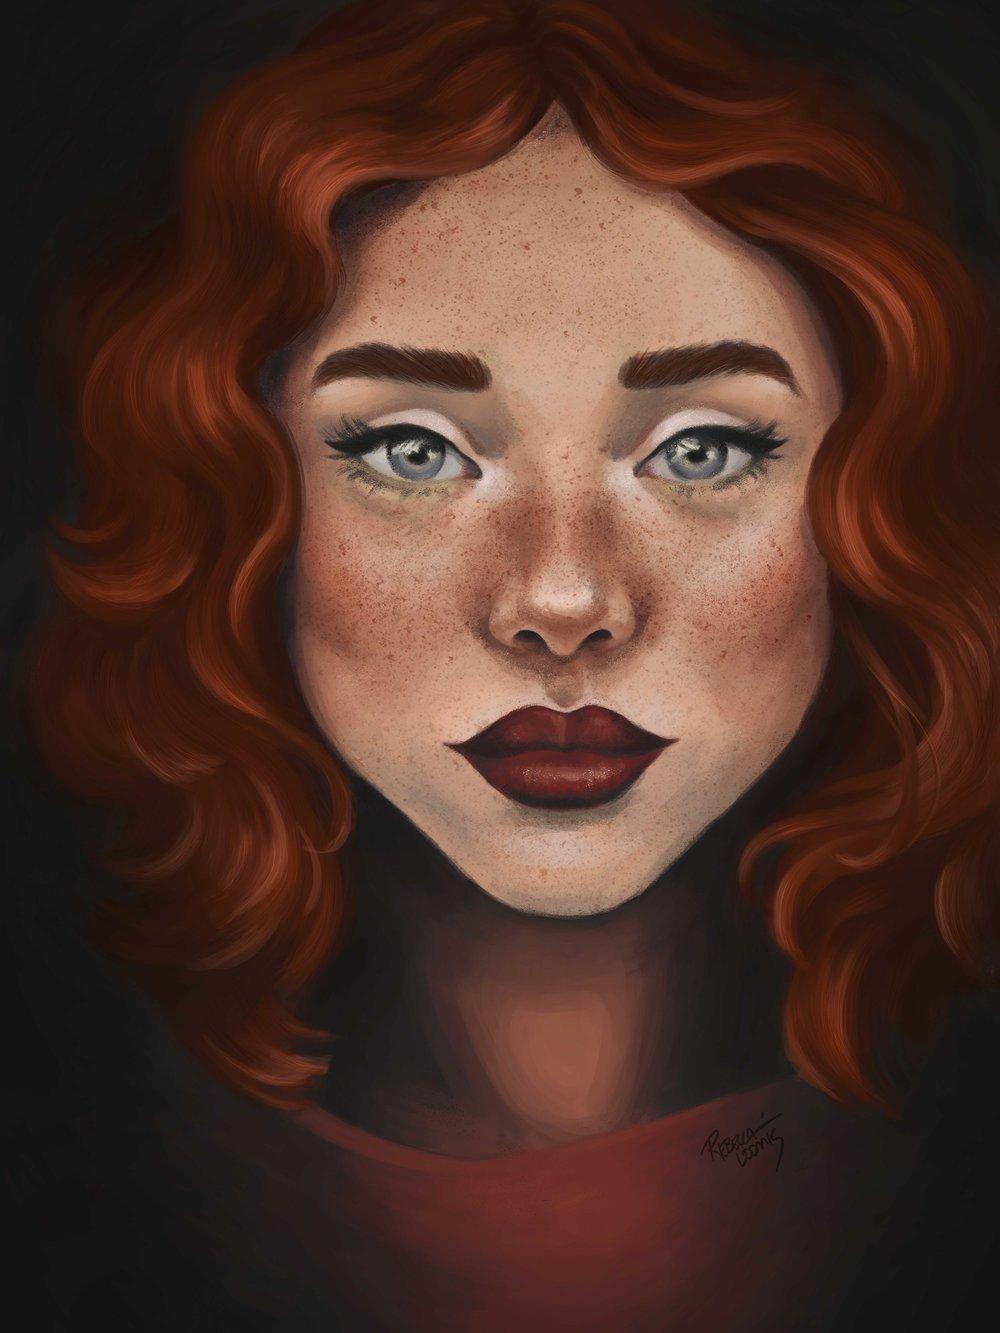 Auburn – Digital Painting by Rebecca Loomis